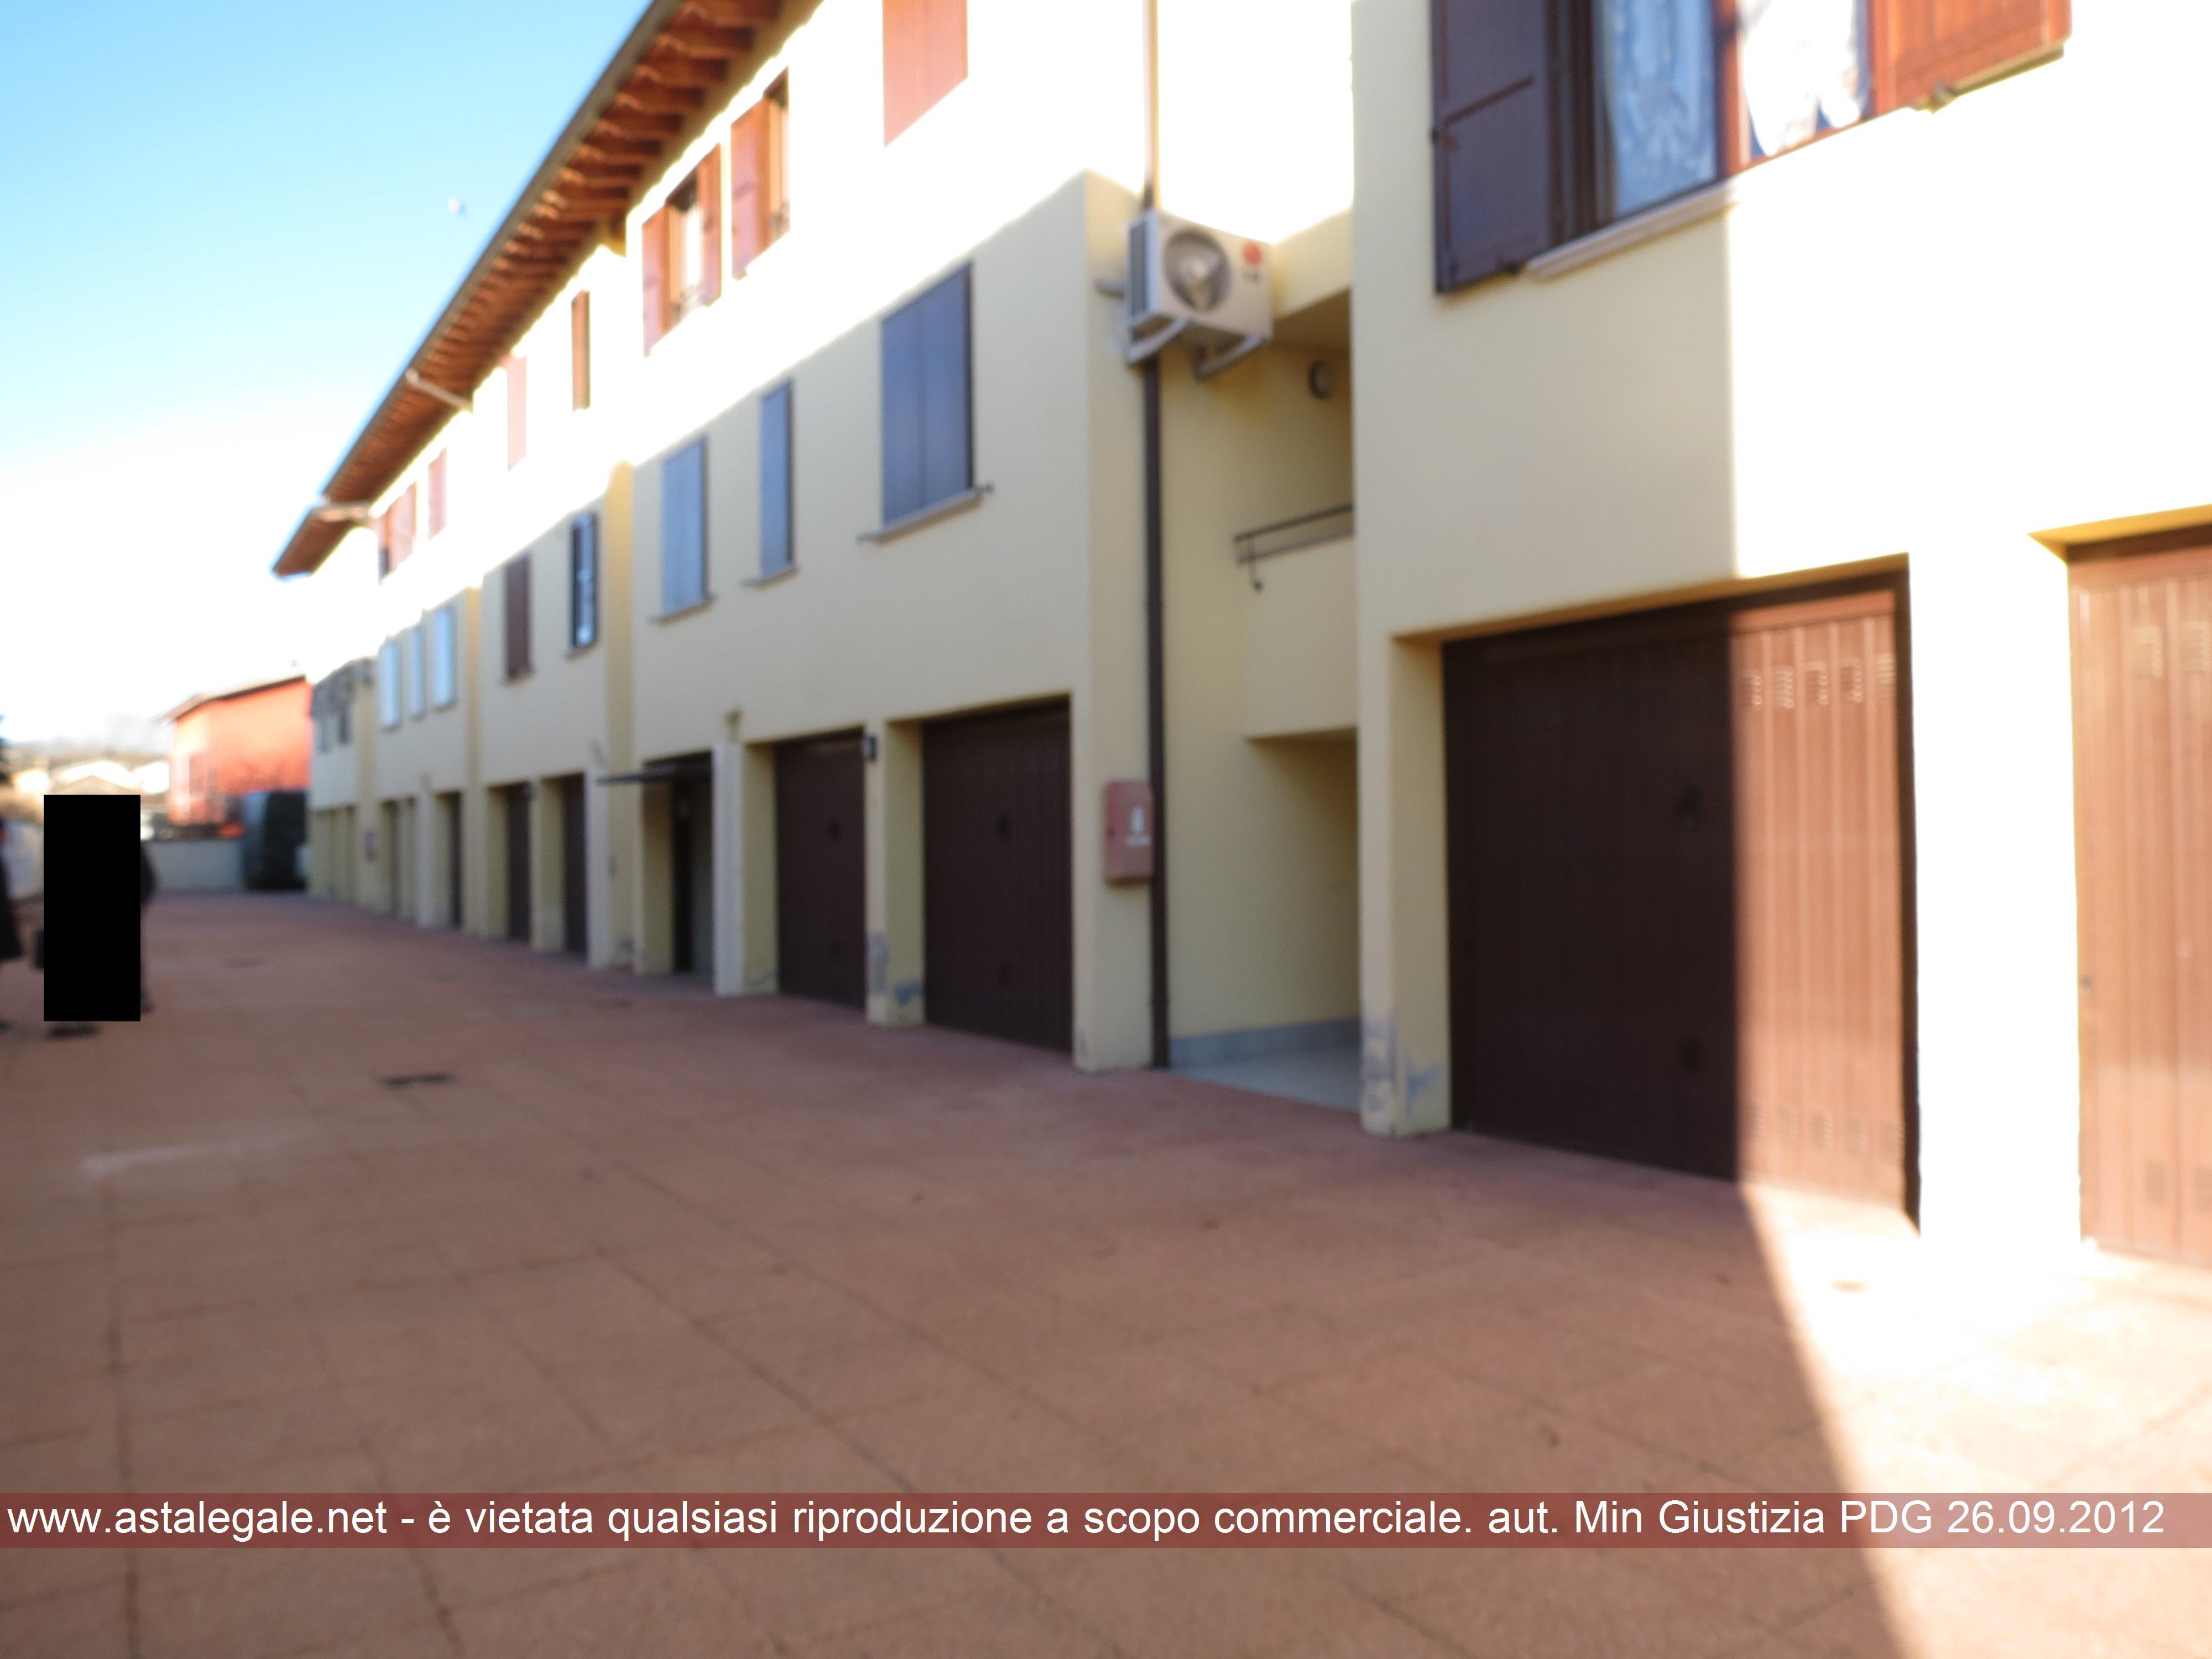 Ospedaletto Lodigiano (LO) Via Padullo 11/O